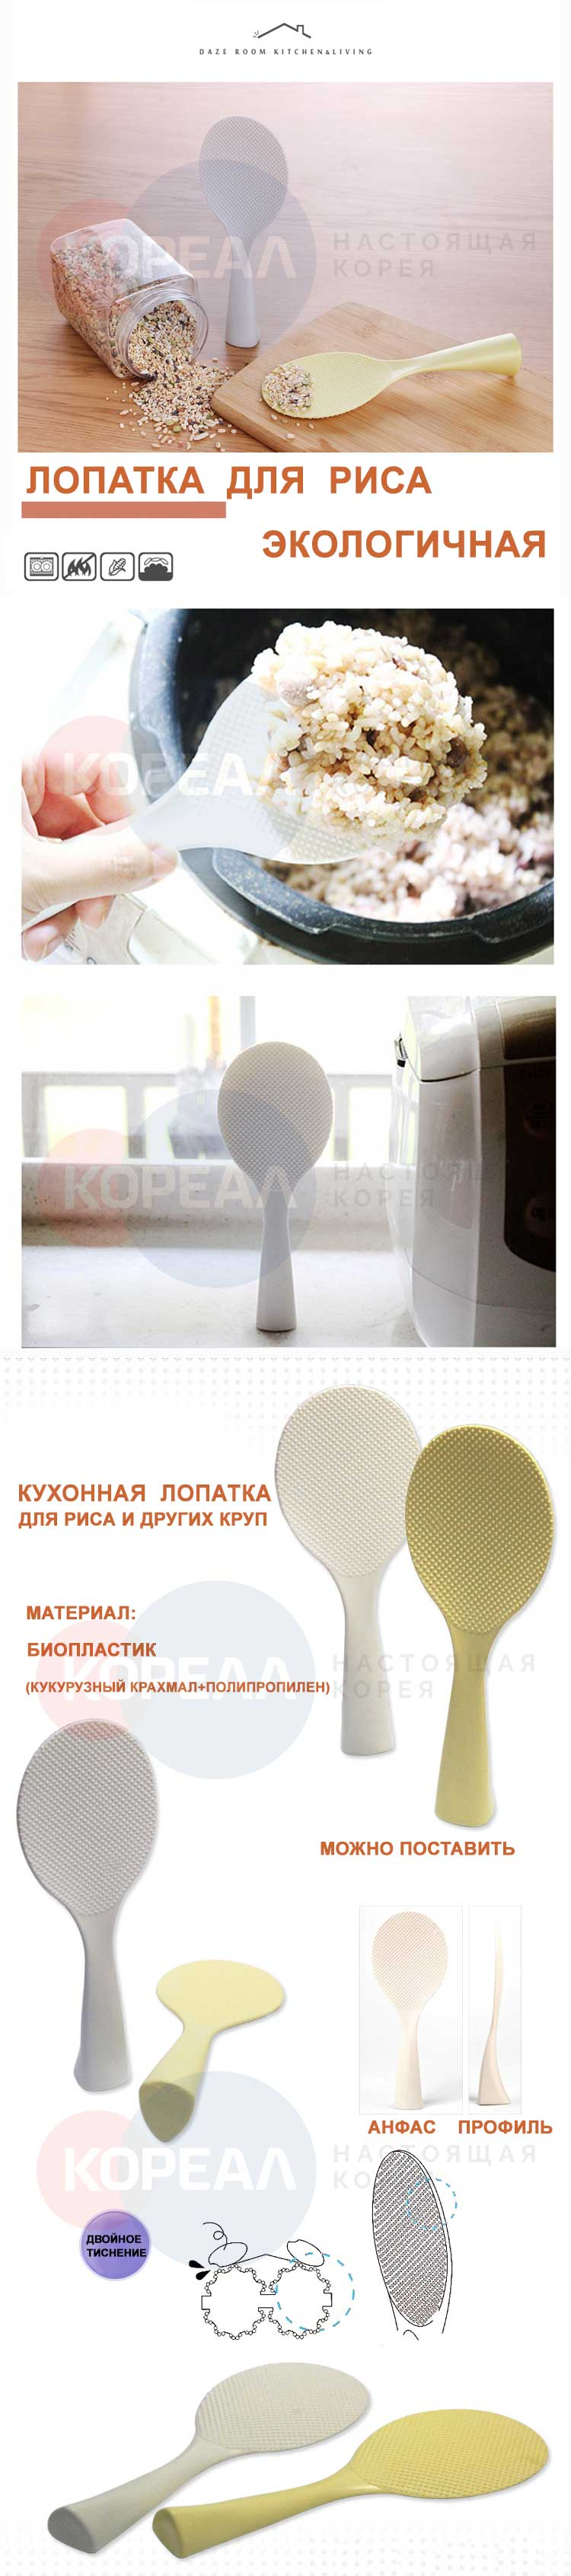 описание лопатки для риса из биопластика